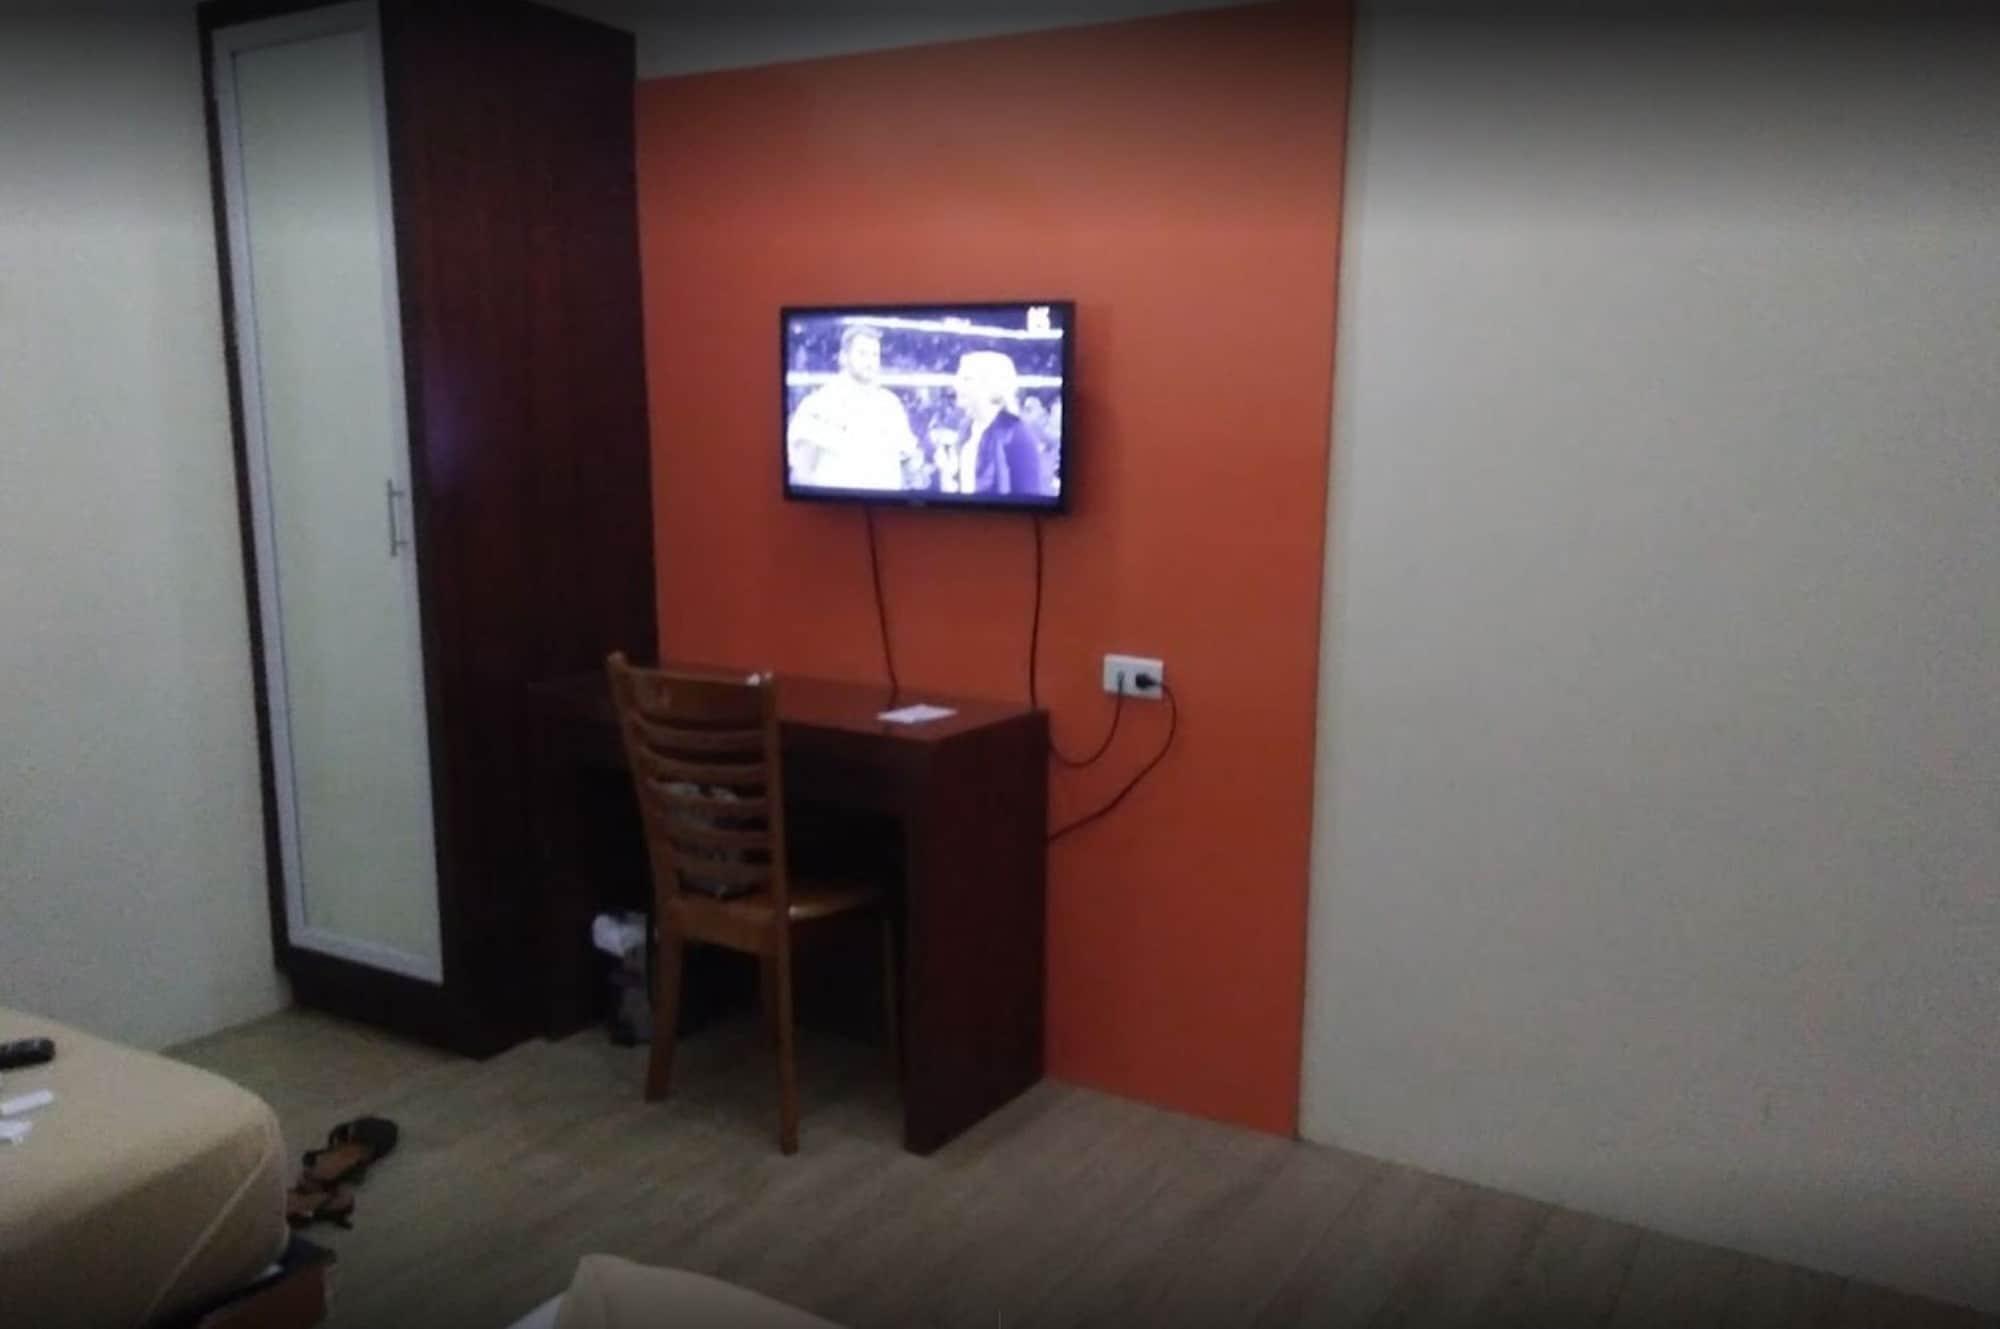 Ey Miner Suites Borromeo, Surigao City